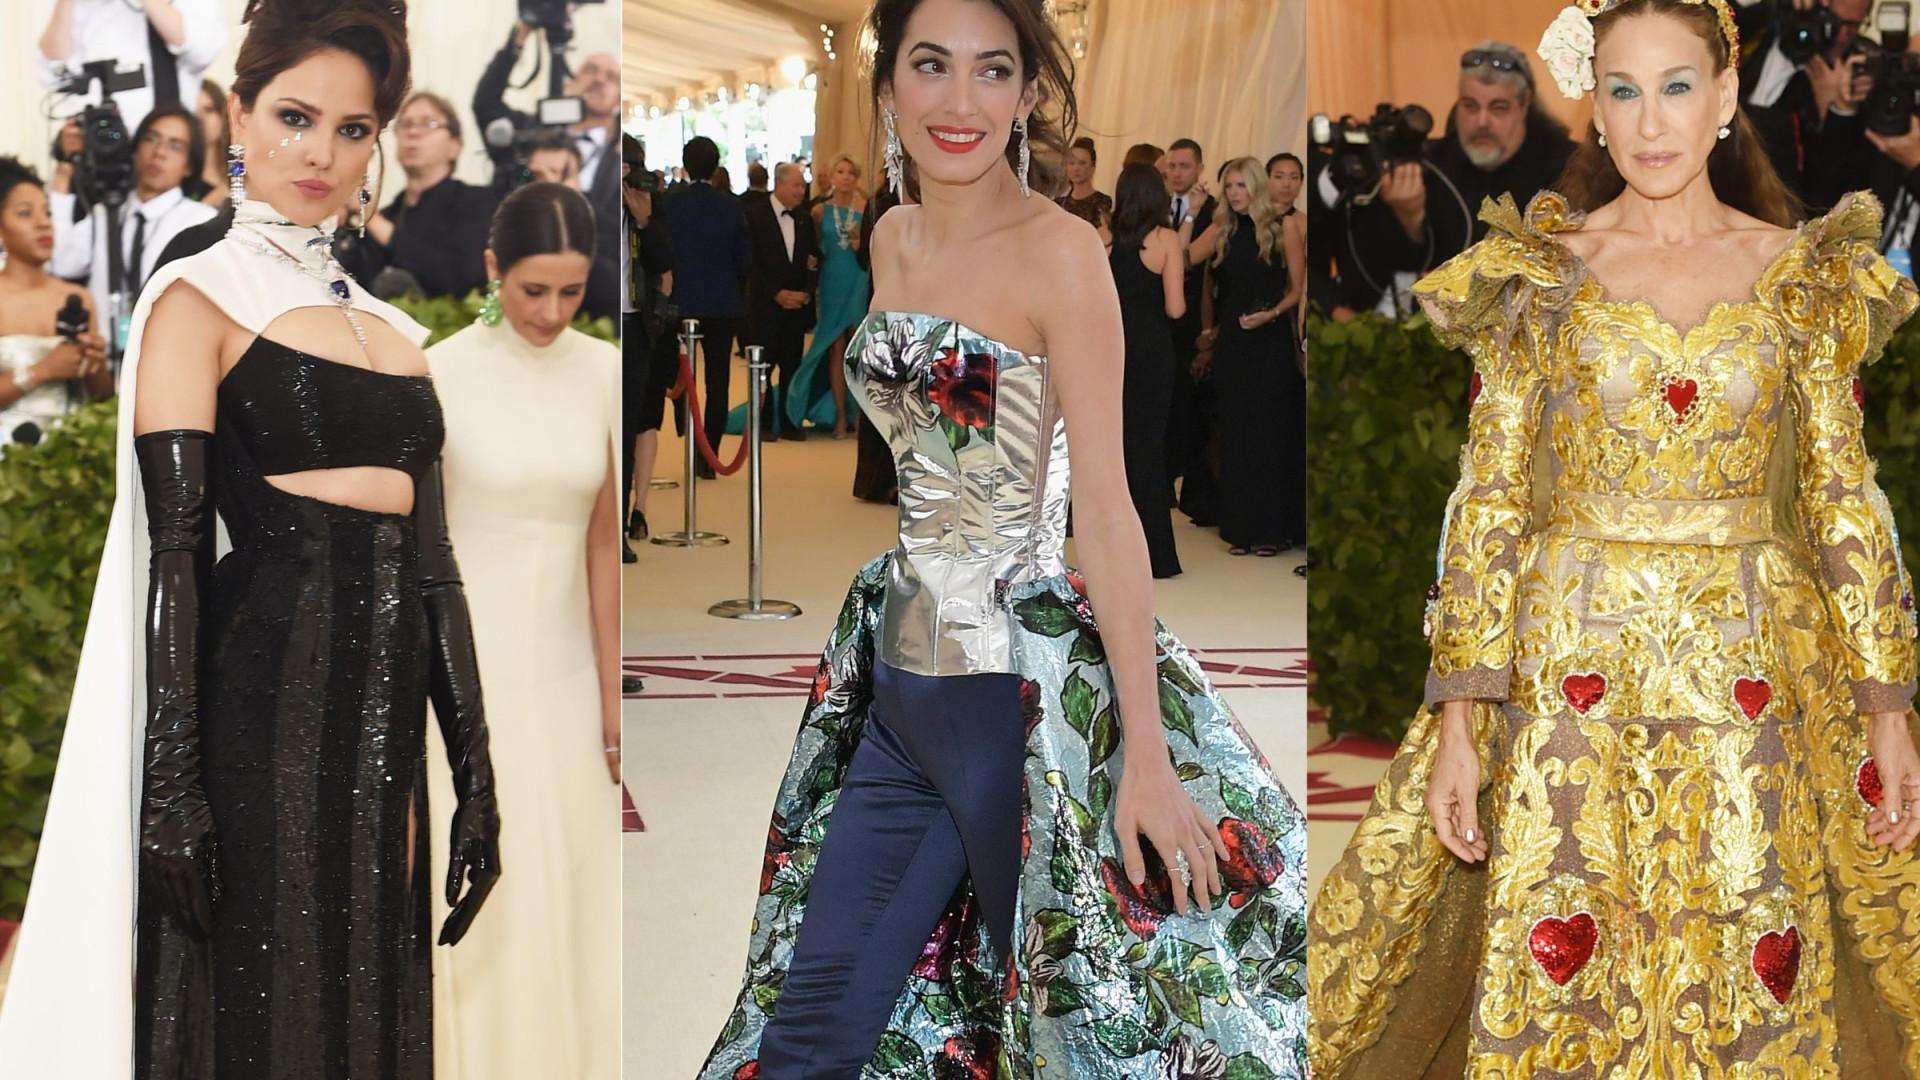 758eb7b309 Eis os piores looks das celebridades na Met Gala 2018